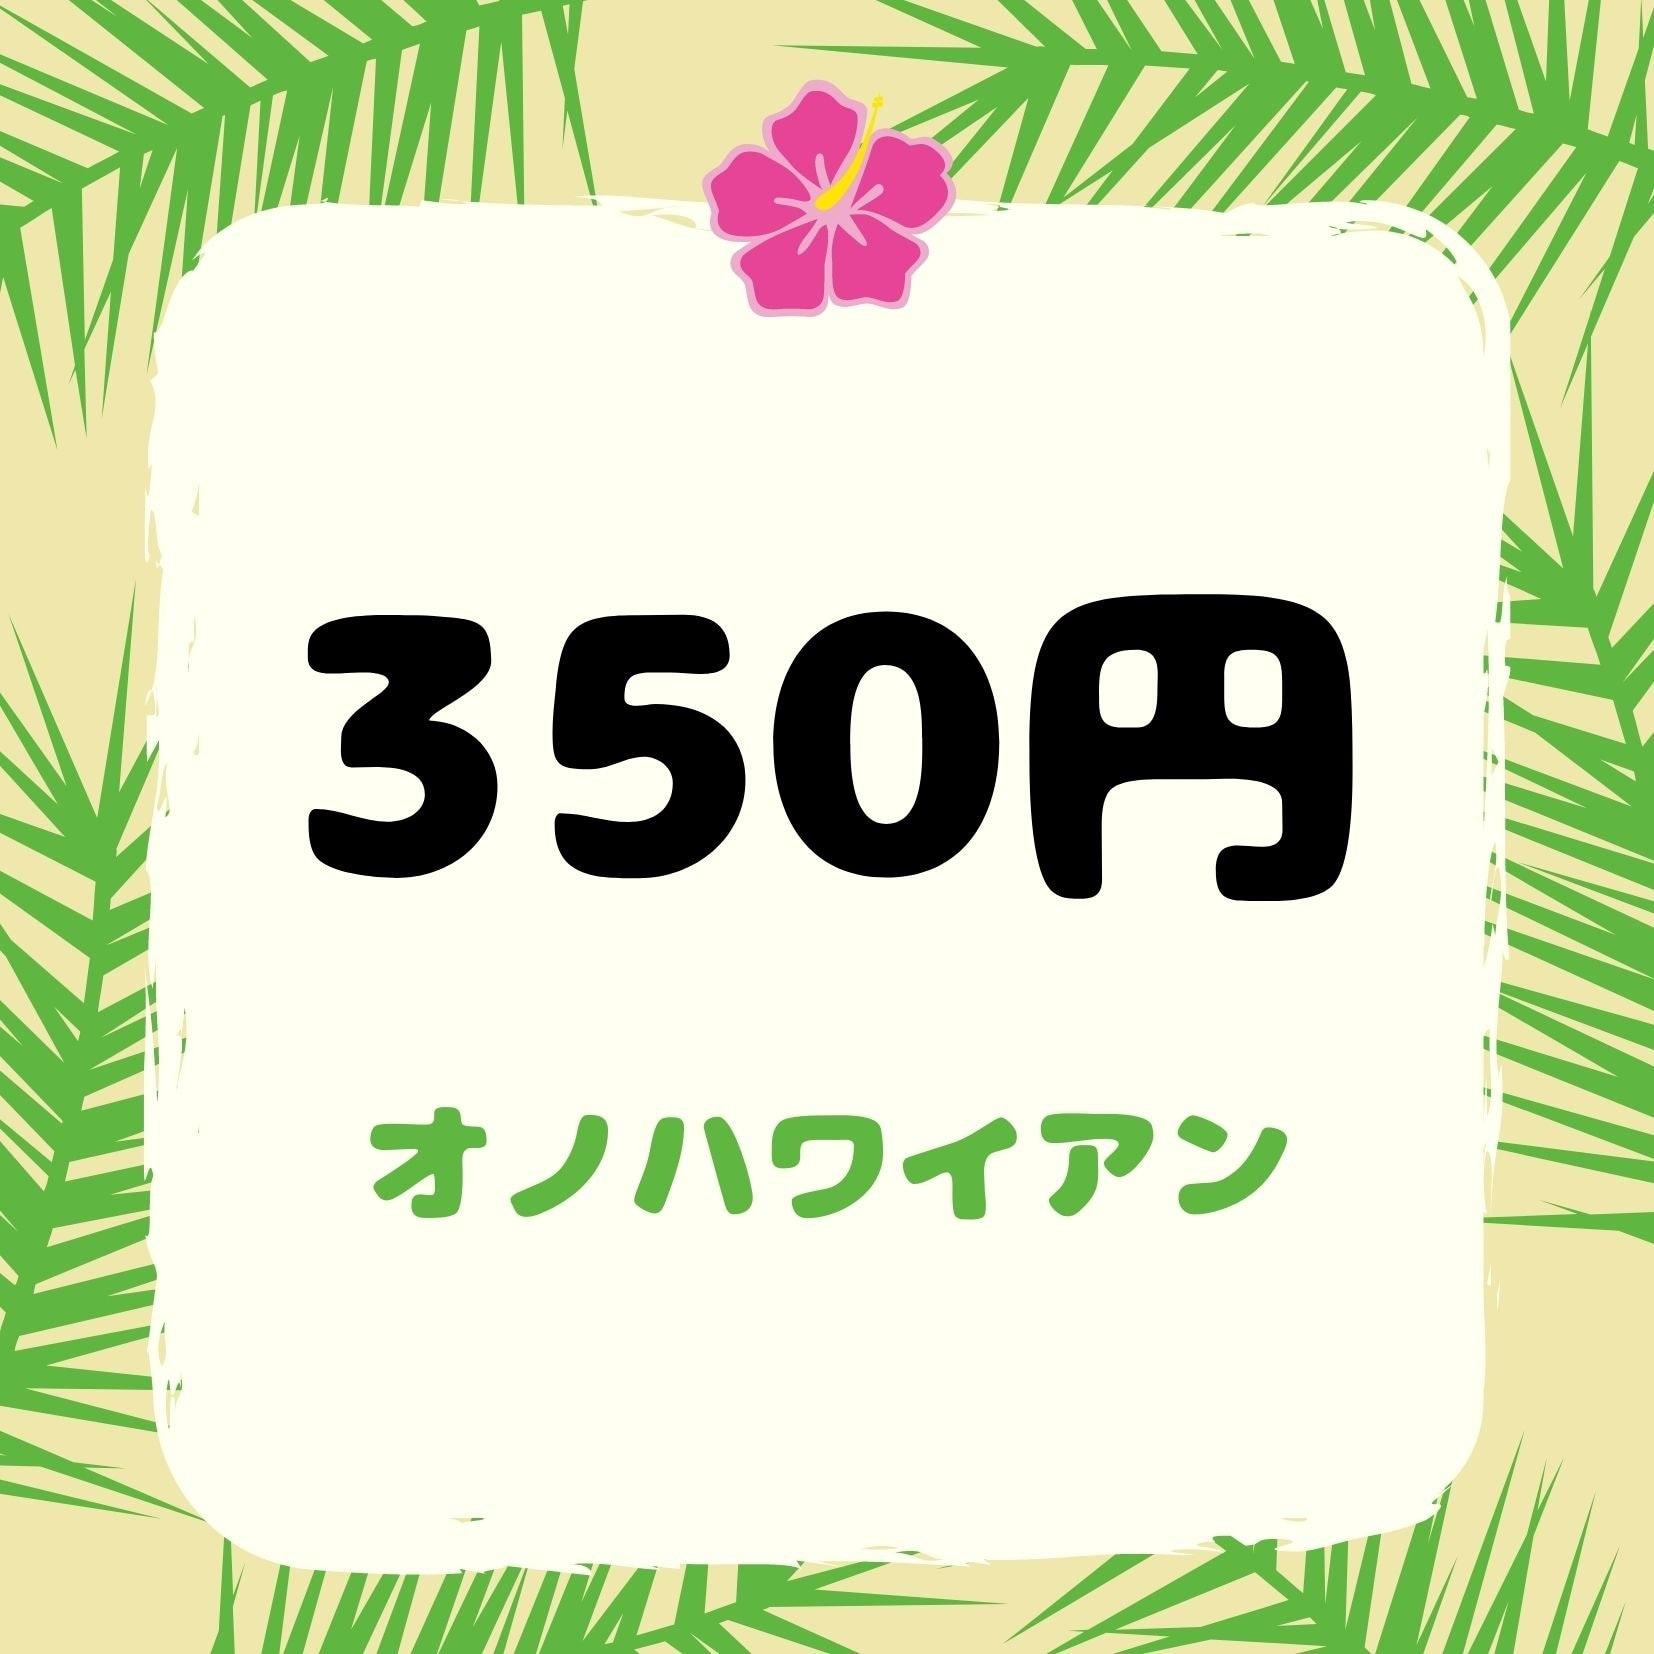 350円【店頭払い専用】スパむすび等のイメージその1